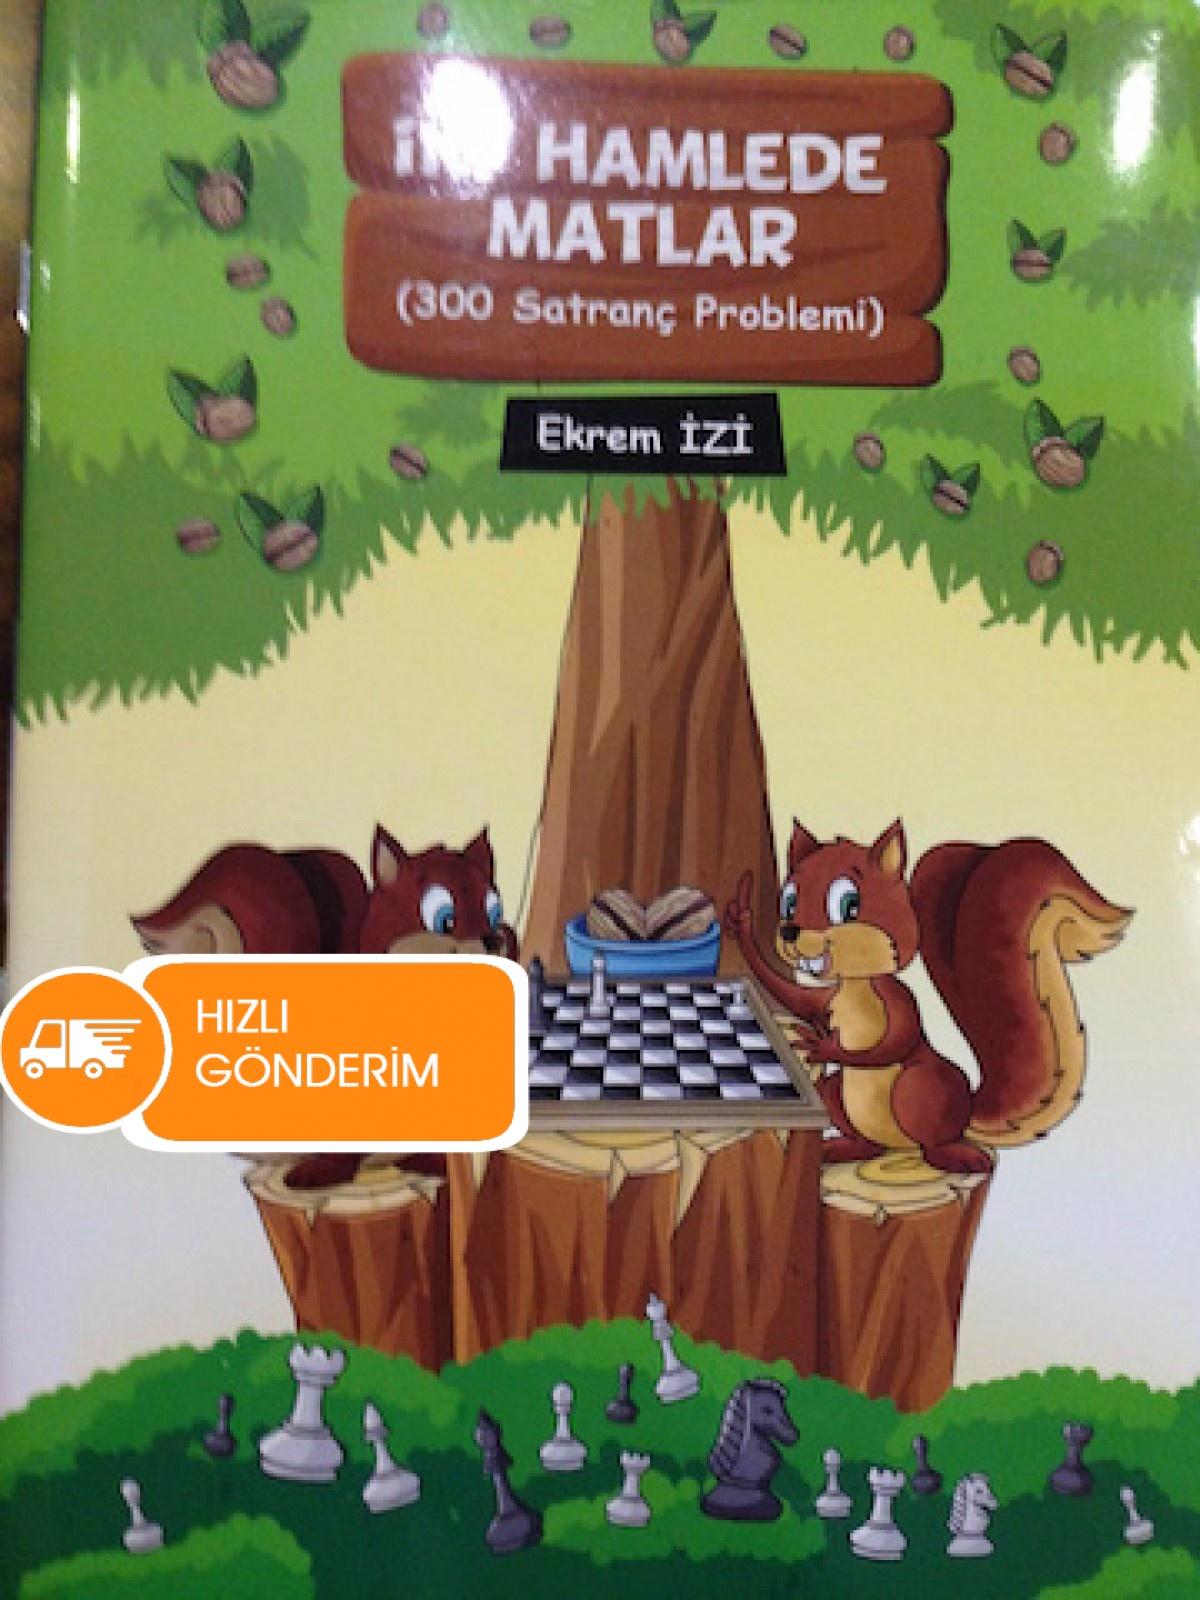 İki Hamlede Matlar (300 Satranç Problemi)